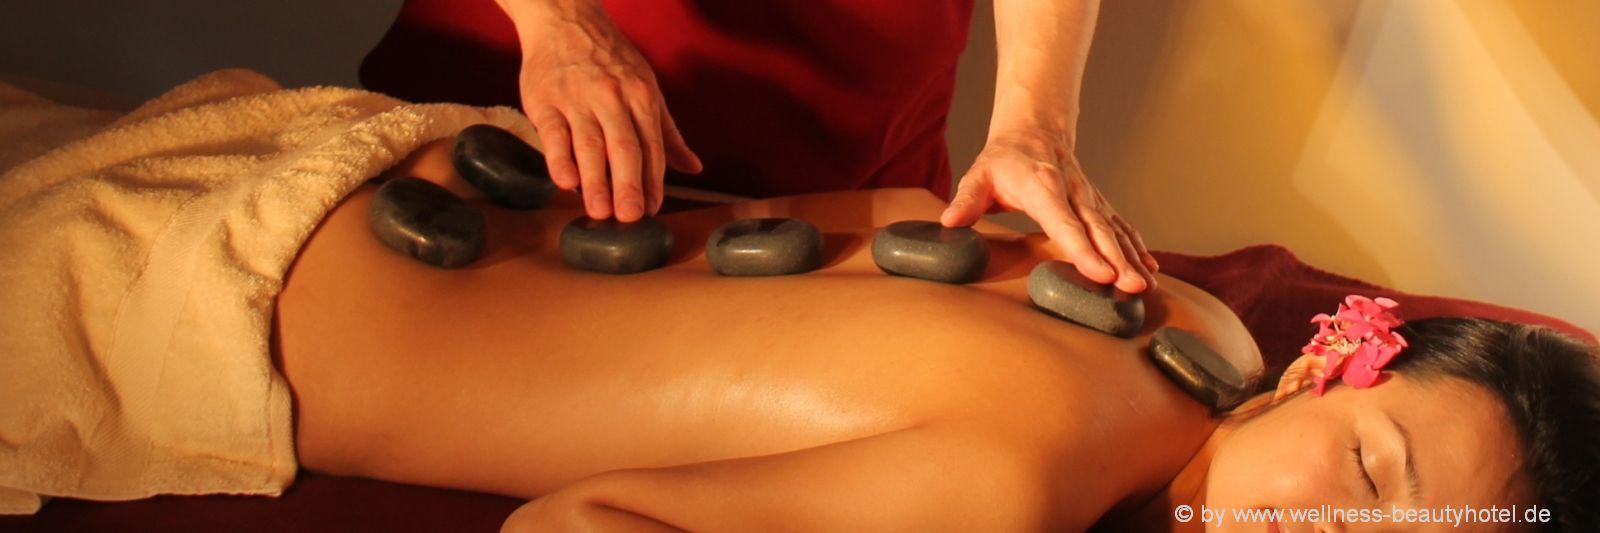 Wellness & Beautyhotels